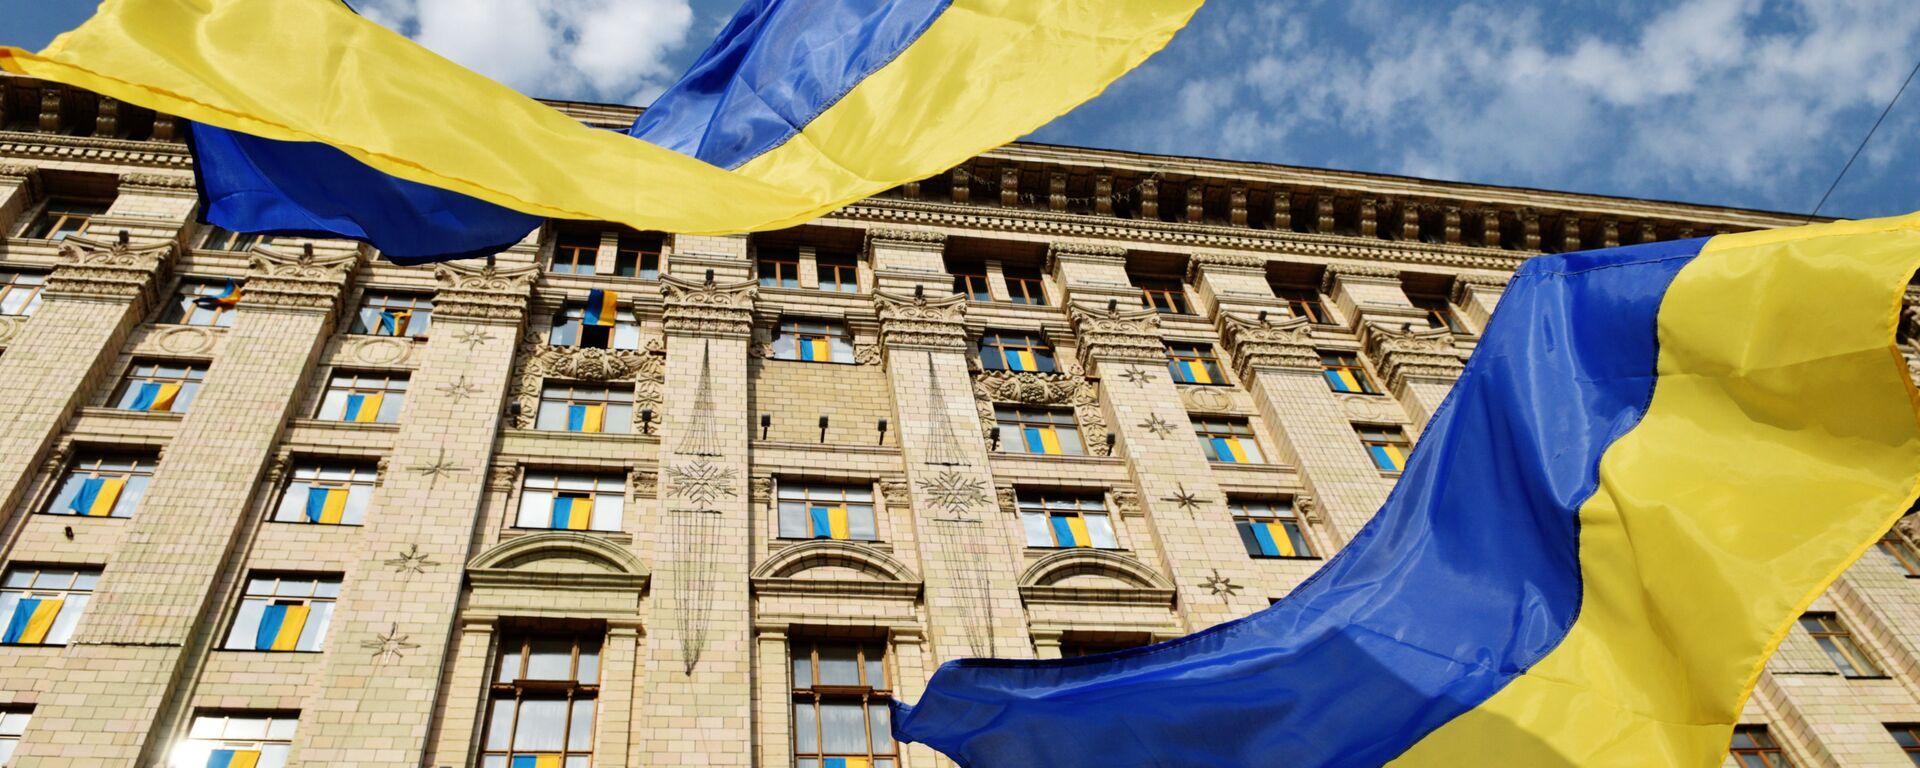 Флаги у Киевской городской администрации - Sputnik Латвия, 1920, 07.12.2016